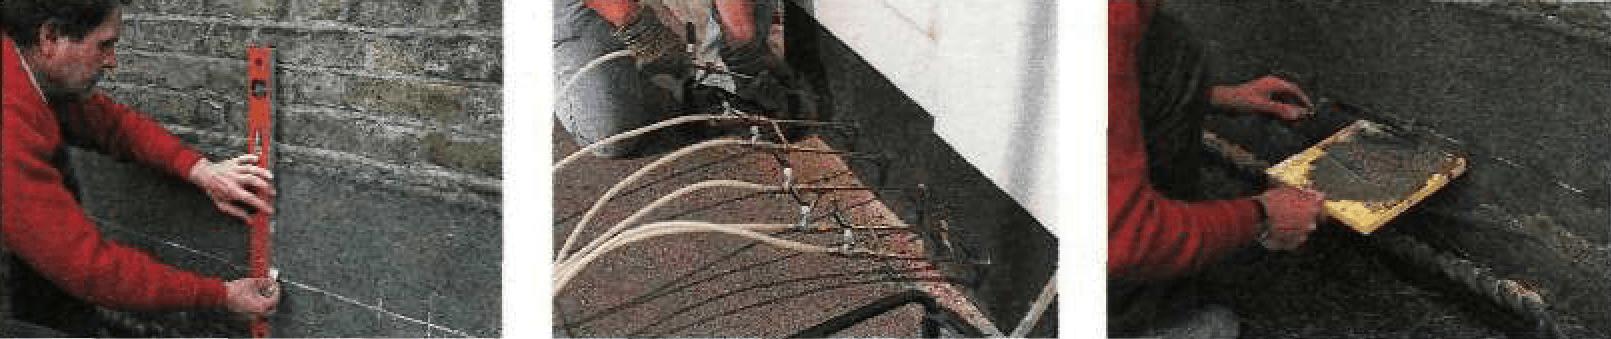 Установка гидроизоляционной прослойки